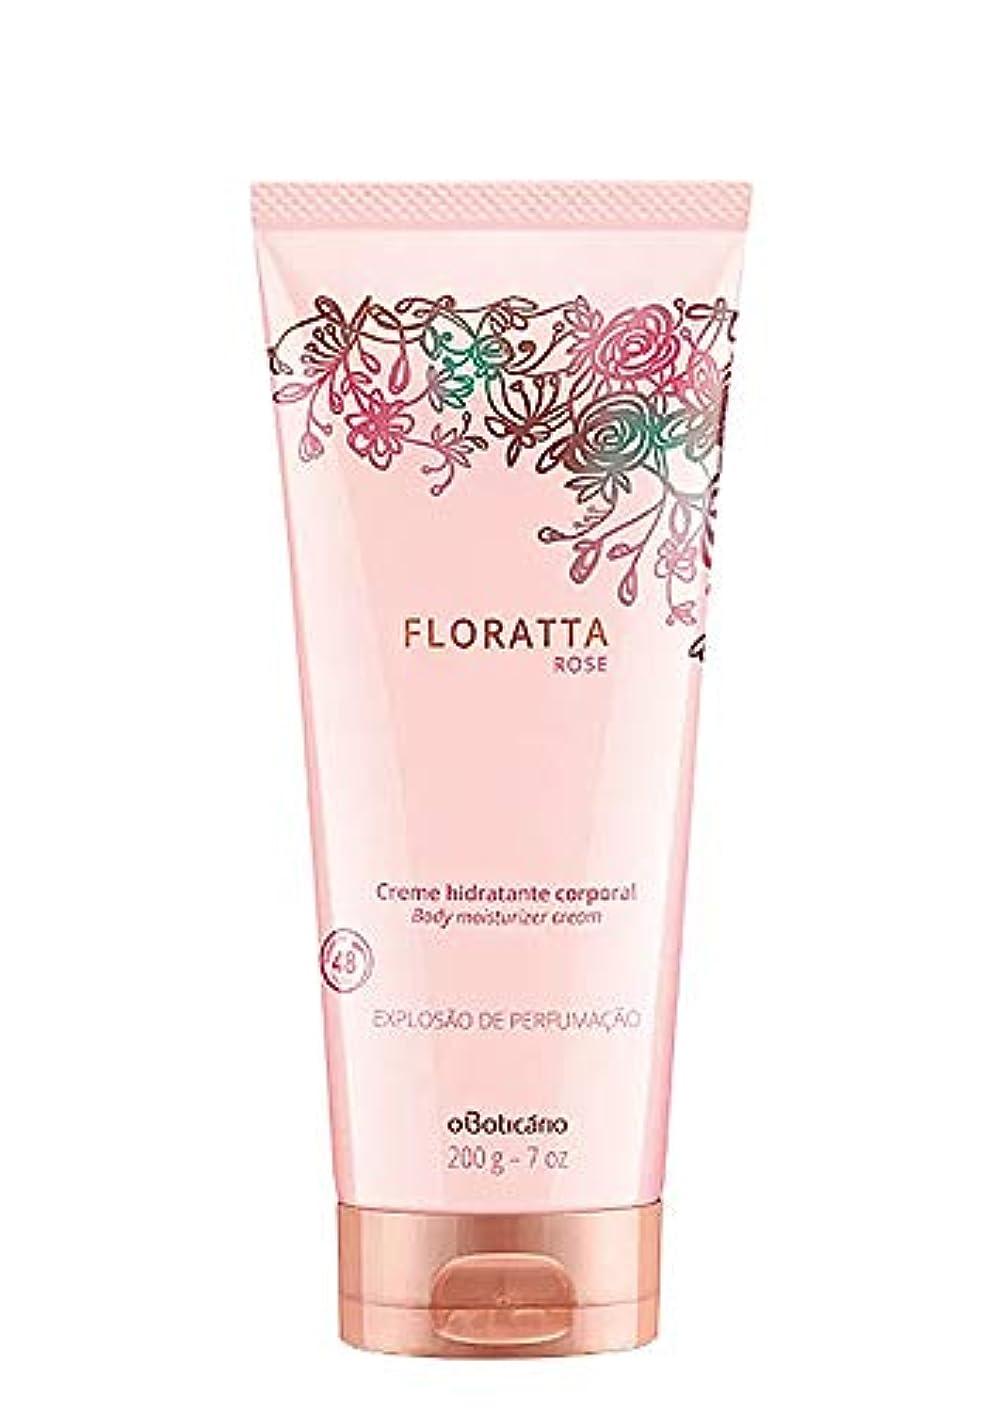 死表向き便利オ?ボチカリオ スキンクリーム フロラッタ ローズ boticario FLORATTA ROSE CREAM HIDRATANTE 200g